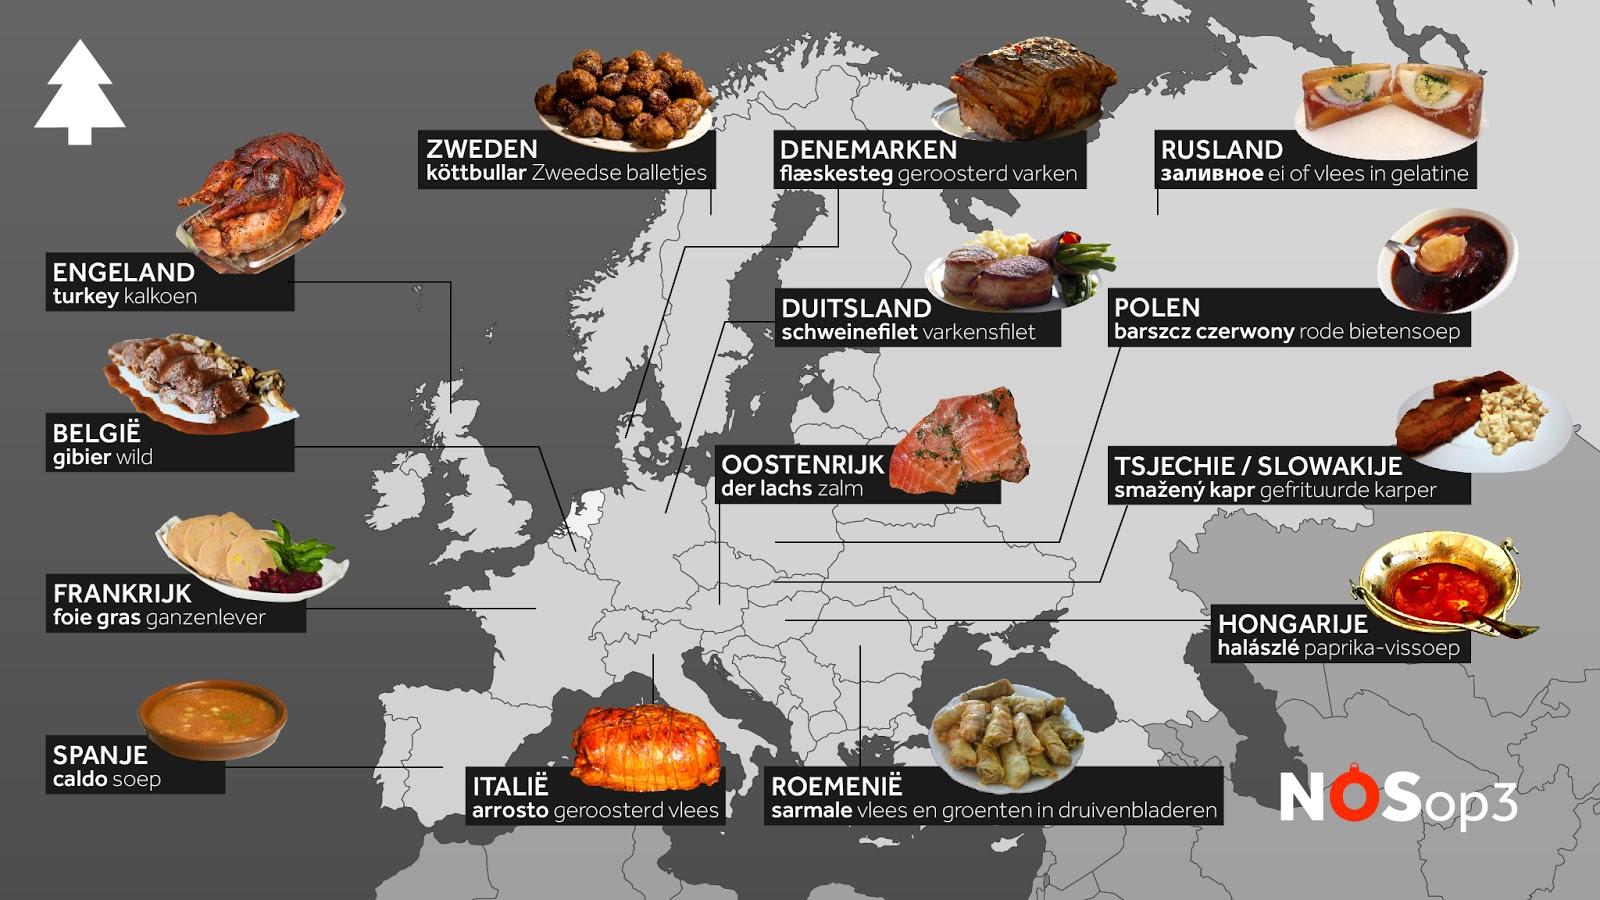 What Europeans eat for christmas dinner